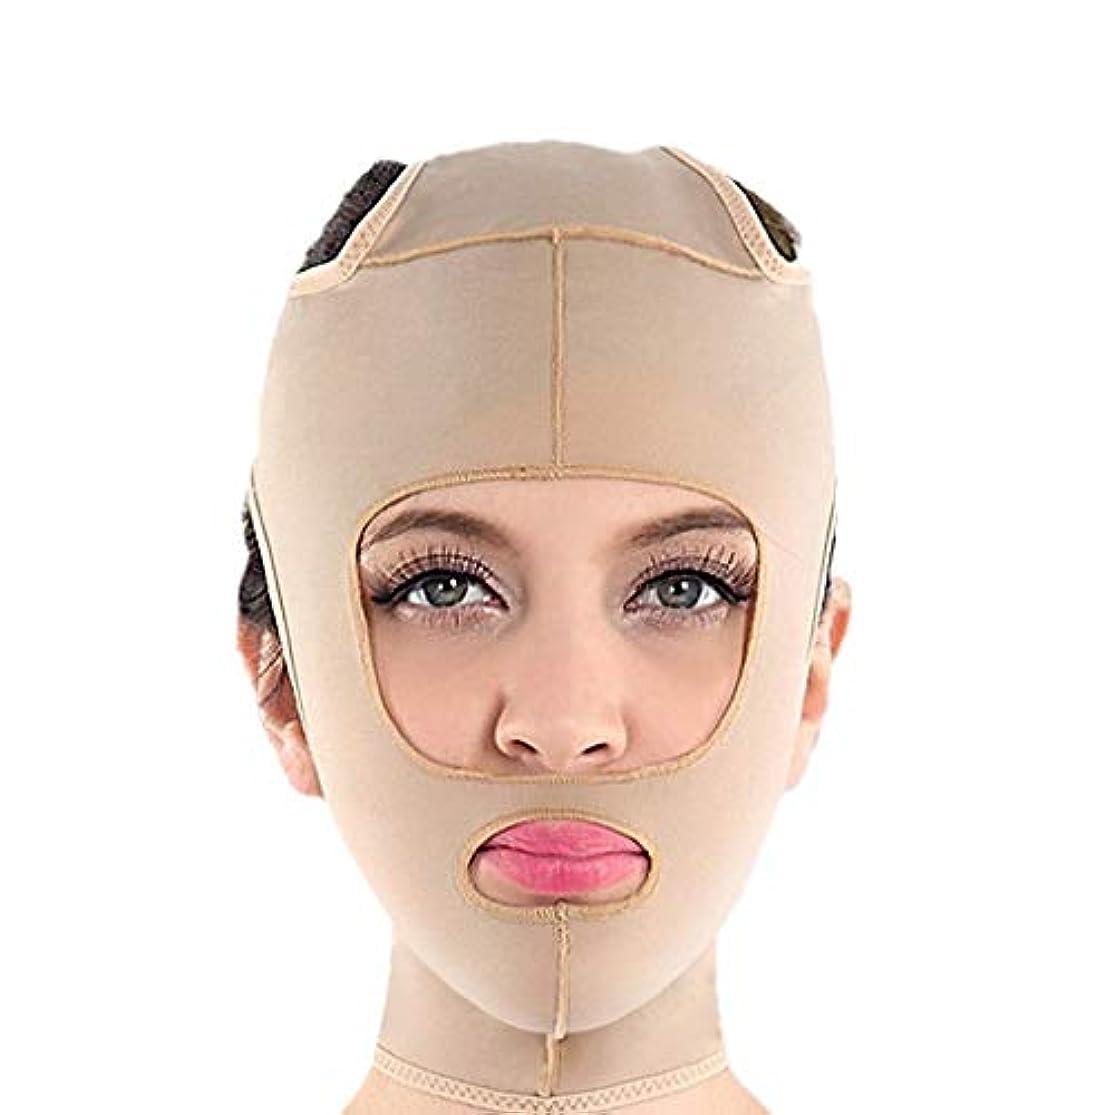 ハンディキャップキャンパス永遠のフェイスリフティング、ダブルチンストラップ、フェイシャル減量マスク、ダブルチンを減らすリフティングヌードル、ファーミングフェイス、パワフルリフティングマスク(サイズ:M),ザ?